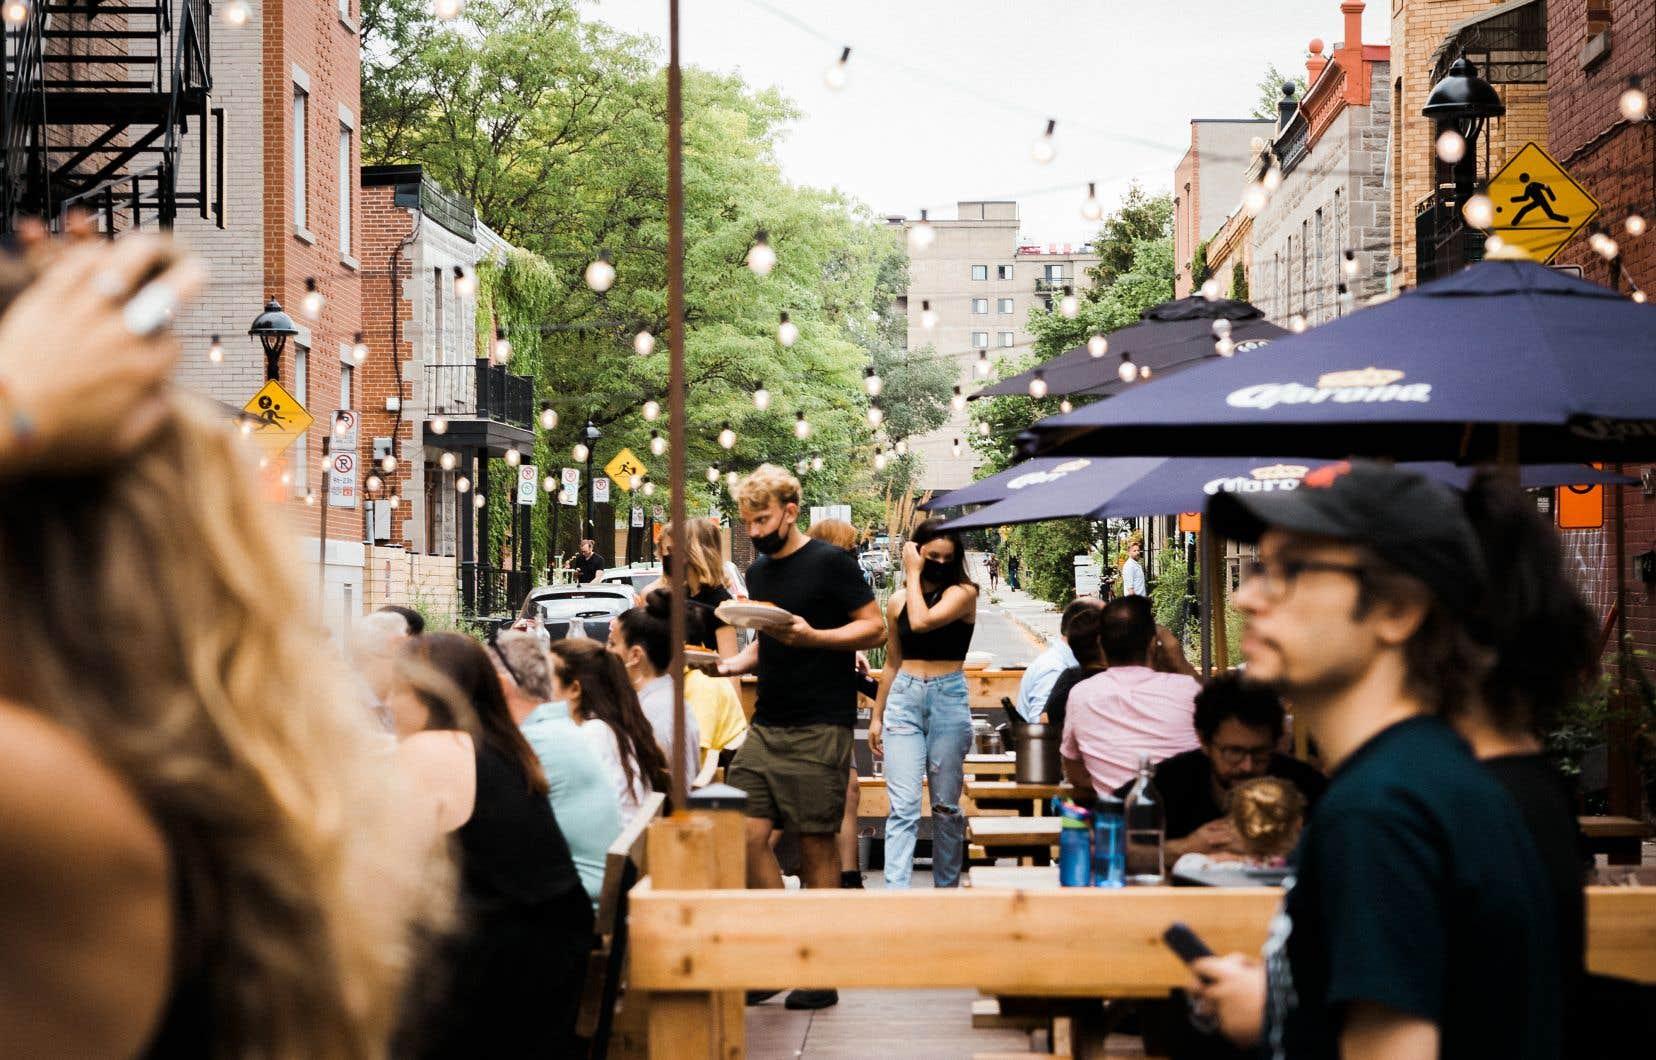 Le nombre de cas de COVID-19 en lien avec les bars et restaurants est passé d'une douzaine le 10 août à 23 la semaine suivante, puis à 53 le 31 août, et enfin à 50 cas le 7 septembre, selon les données de la Direction de la santé publique de Montréal.